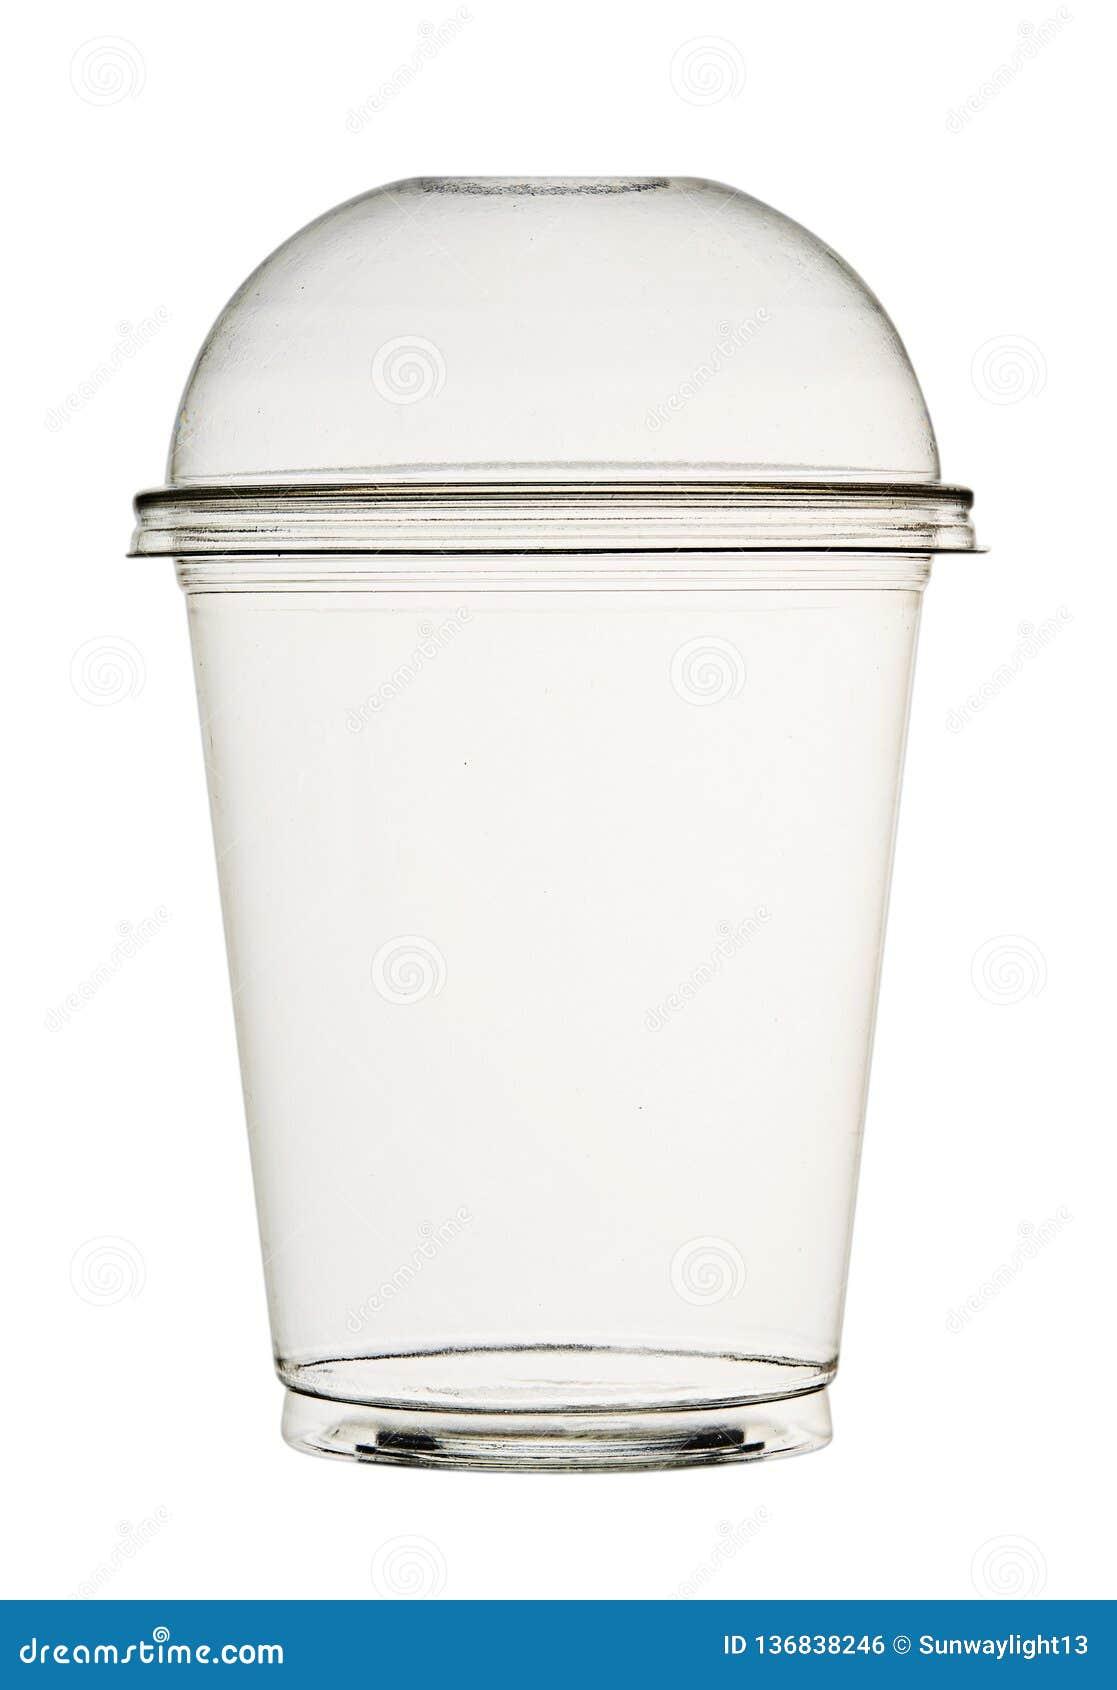 圆滑的人和鸡尾酒的透明塑料杯子,当盒盖,被隔绝在白色背景